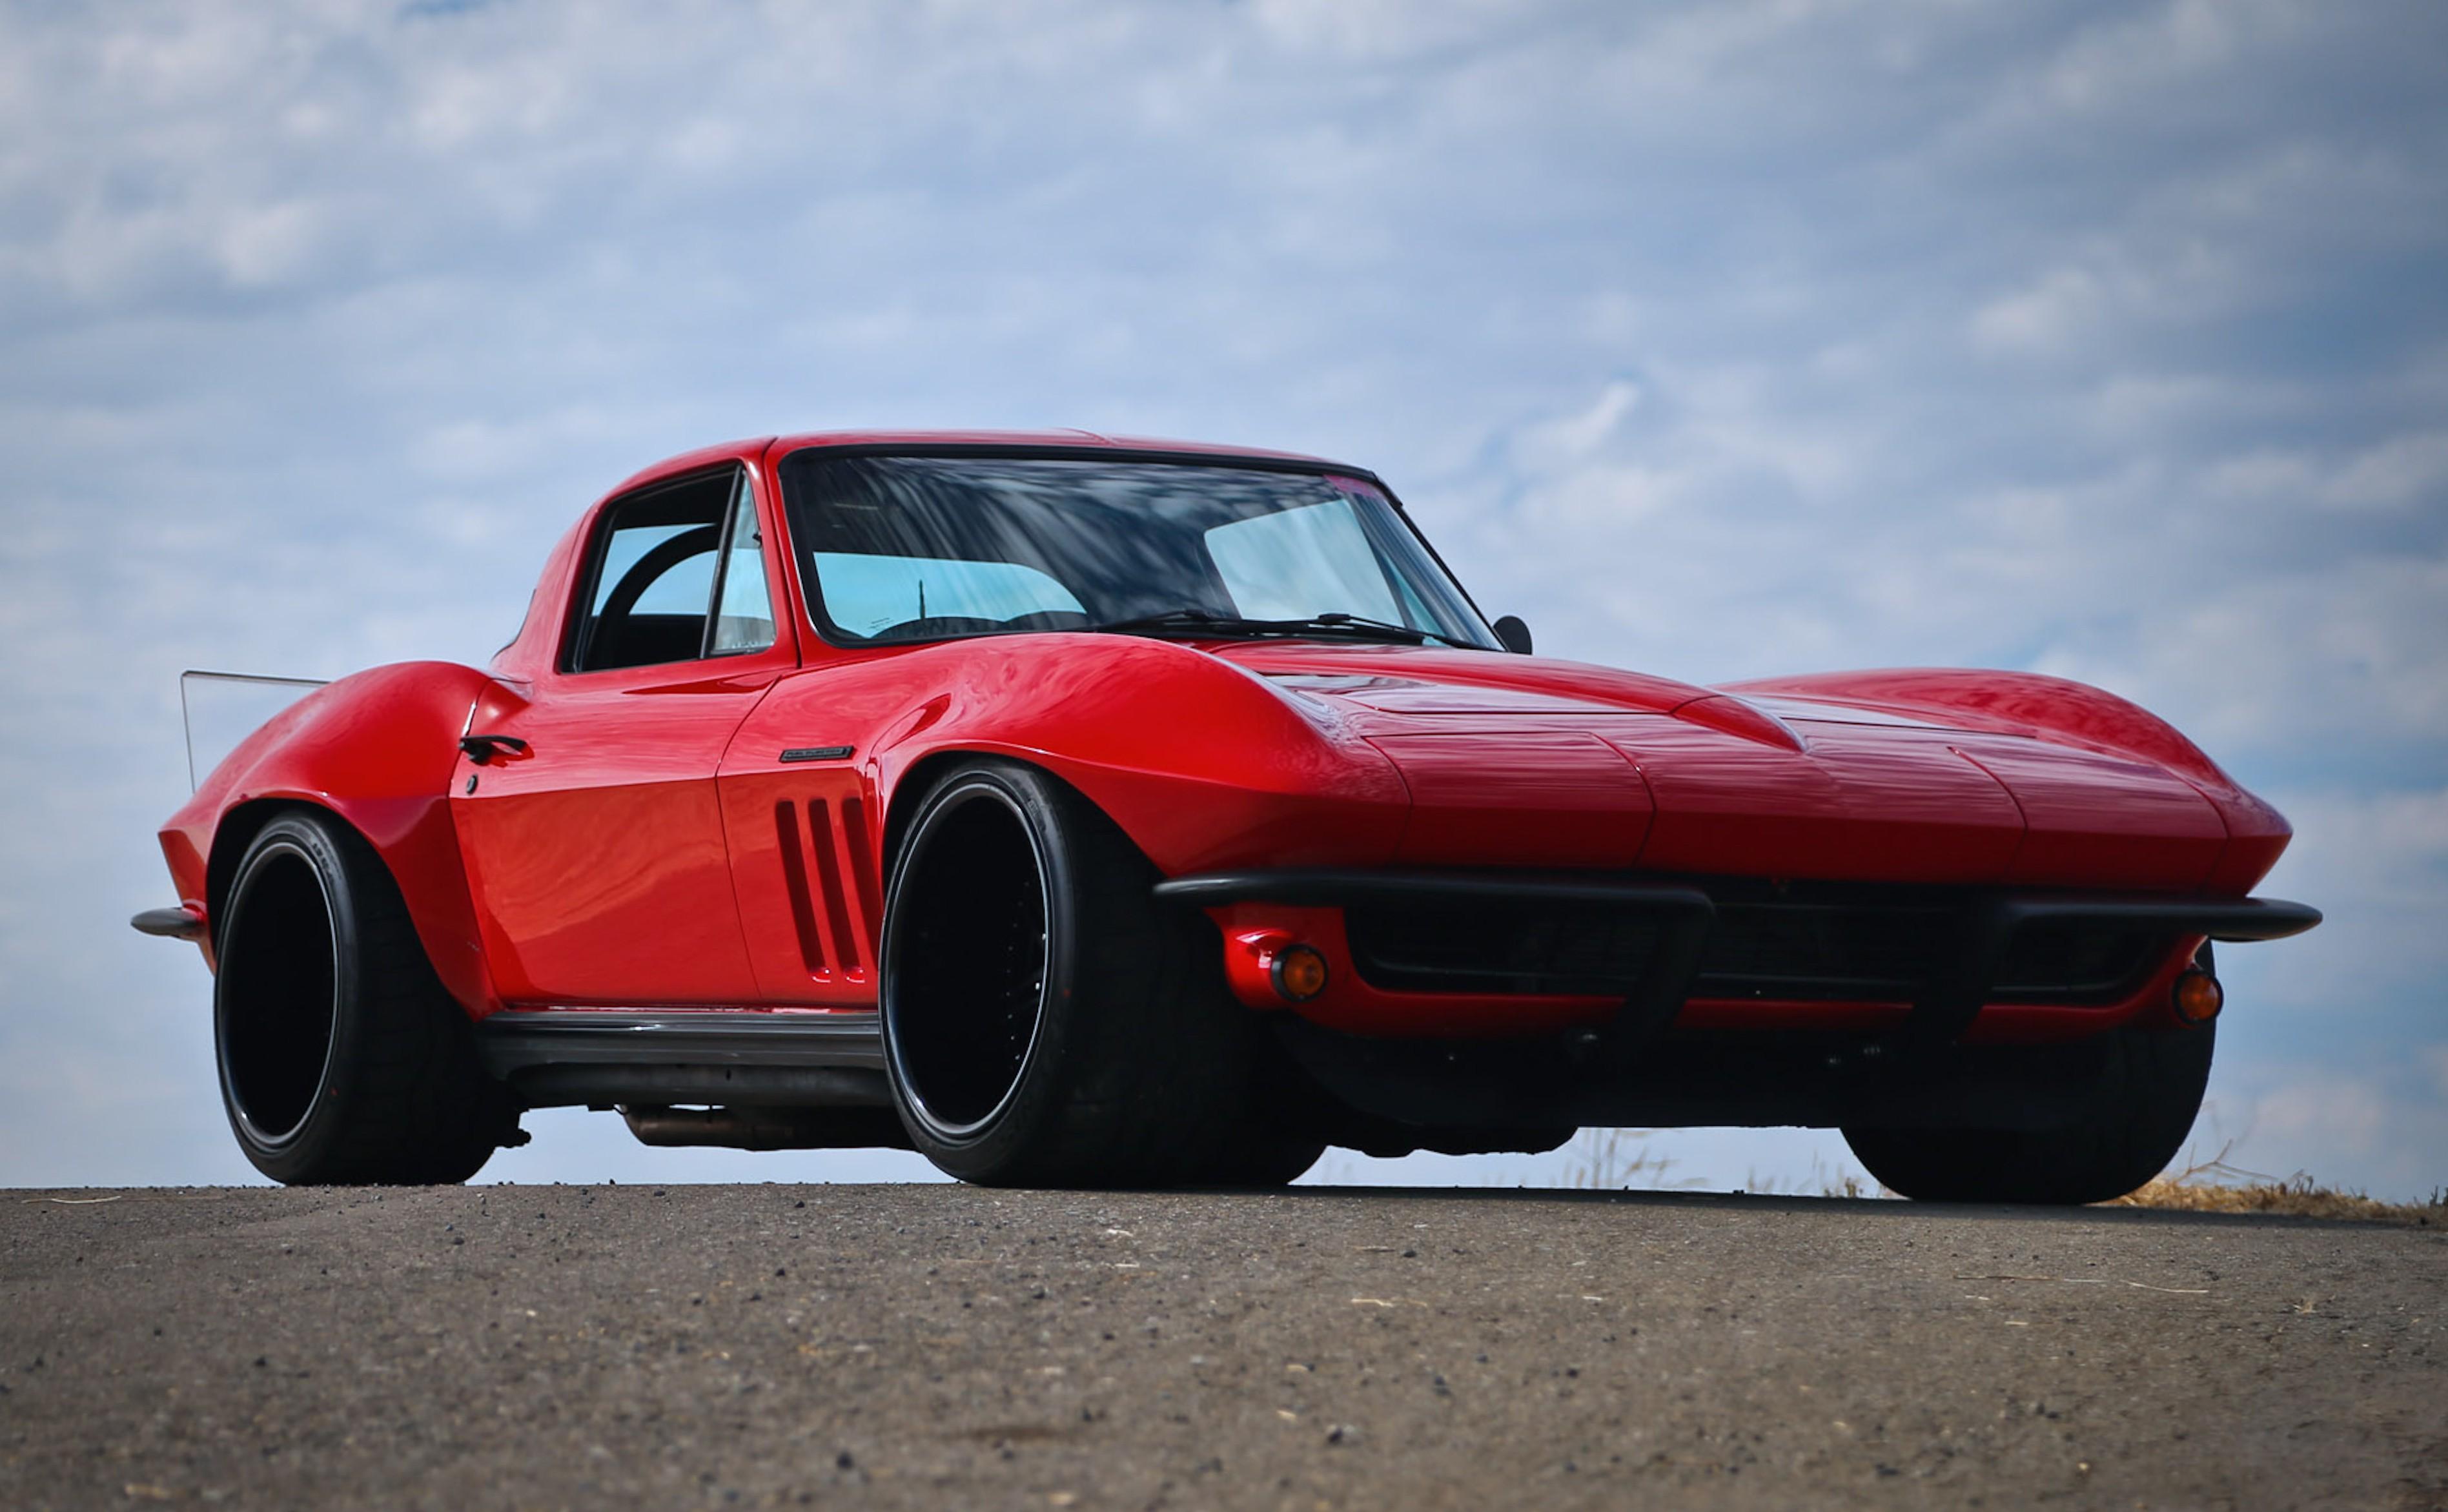 65-Corvette-Featured Image